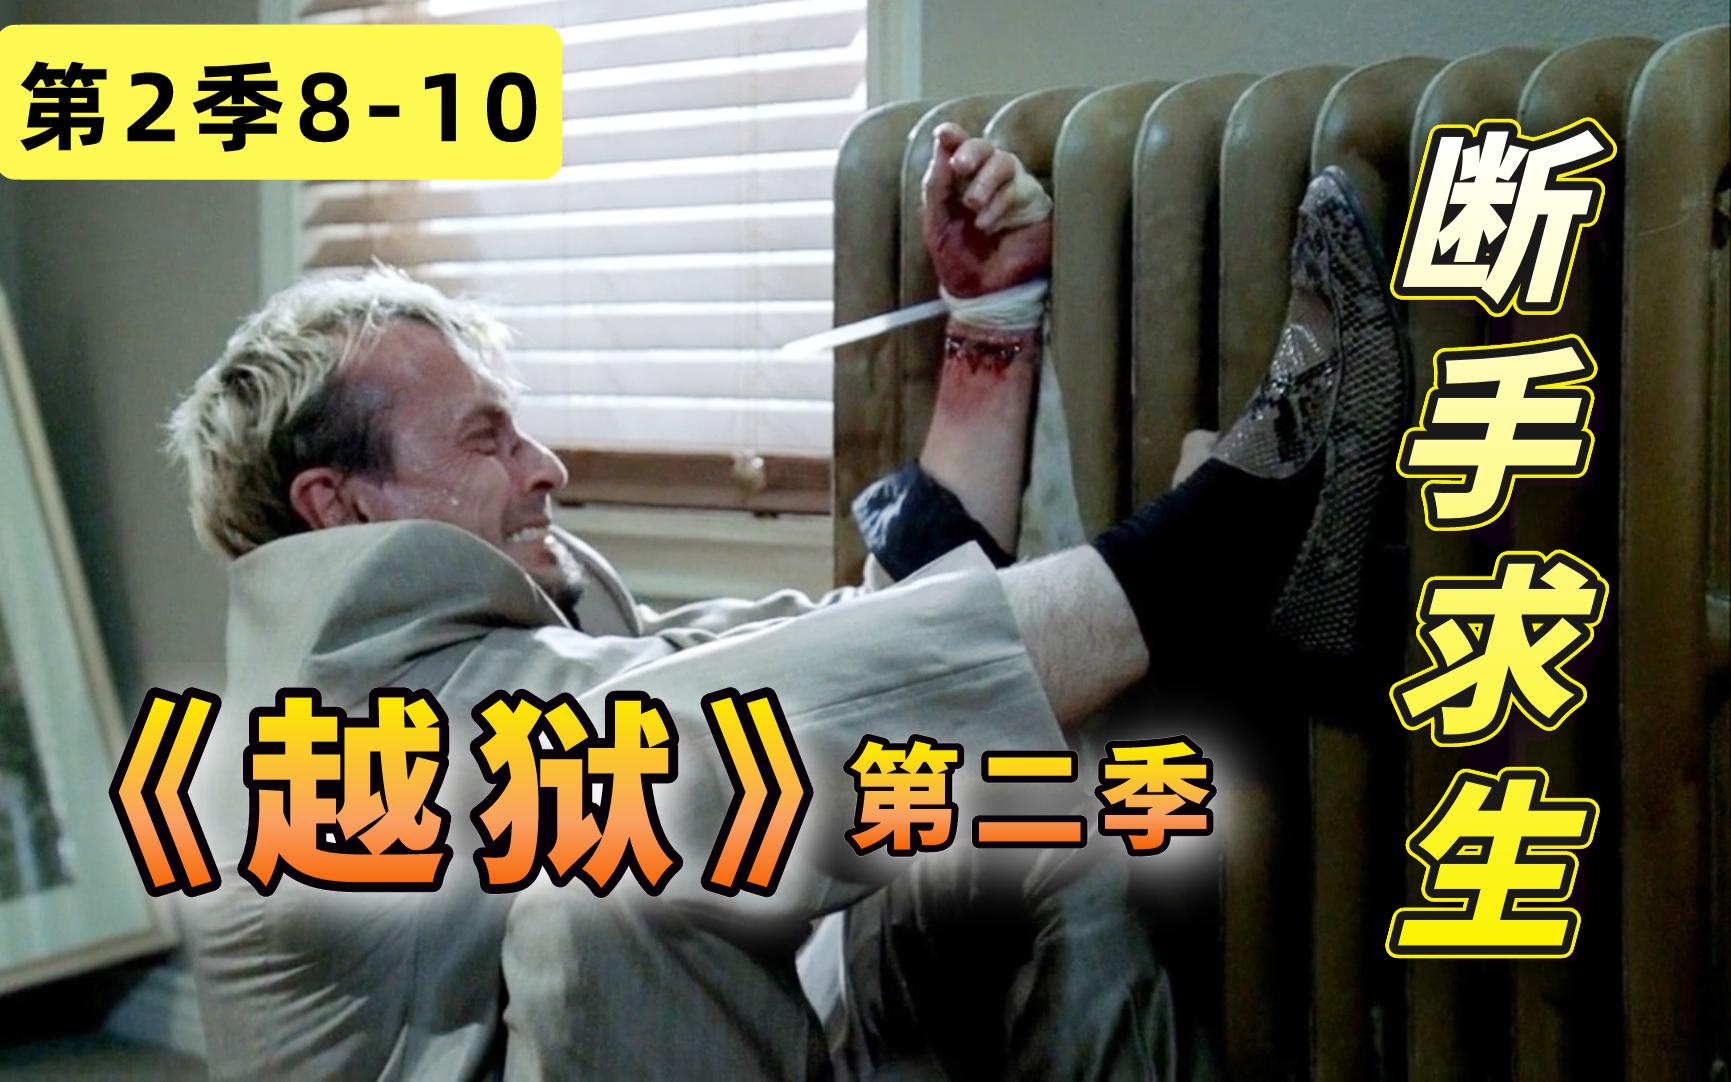 【阿斗】T-bag断手逃生,剧情跌宕起伏比坐过山车还刺激!美剧《越狱》第二季8-10